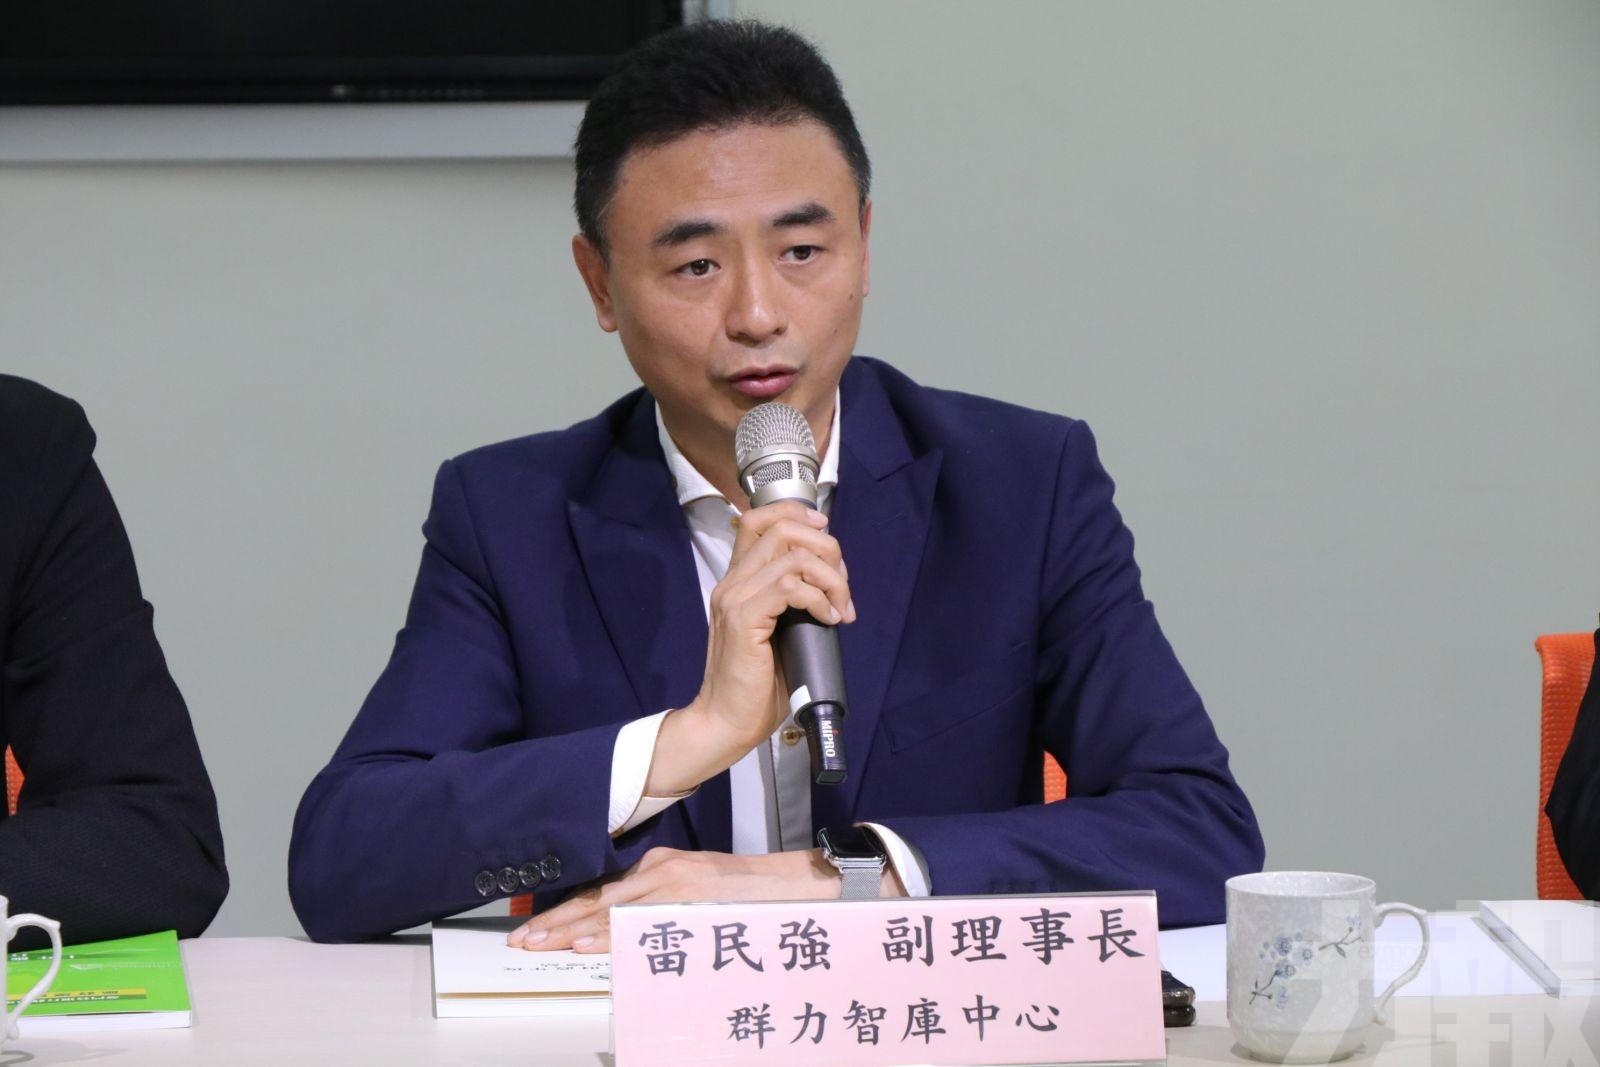 雷民強:博企續牌應承擔更多社會責任